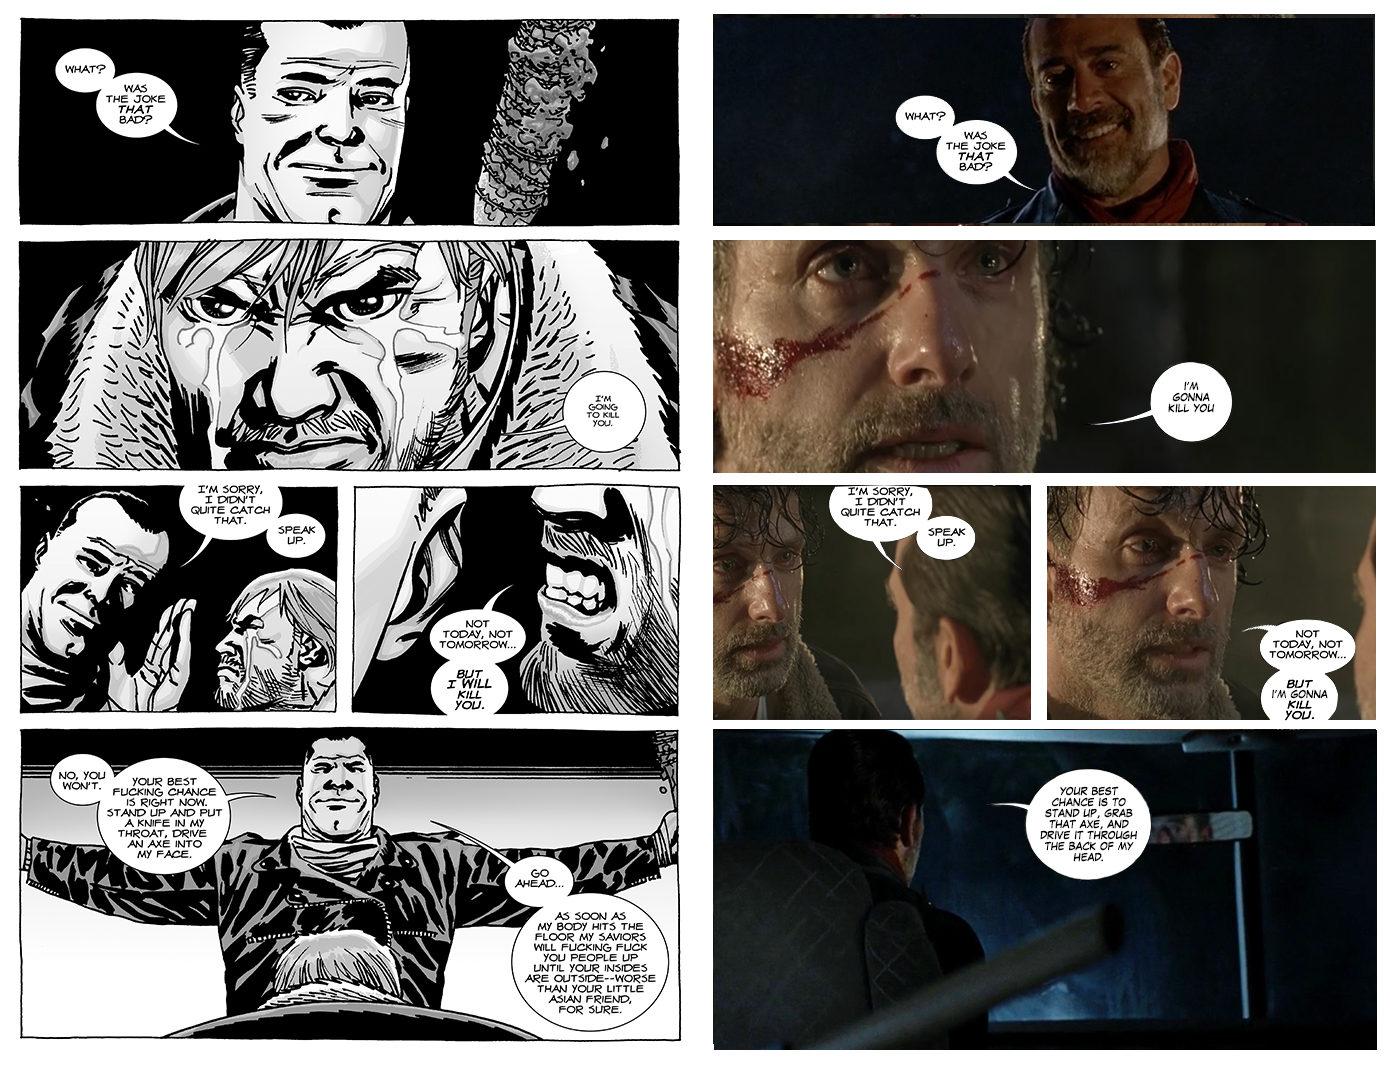 La amenaza de Rick